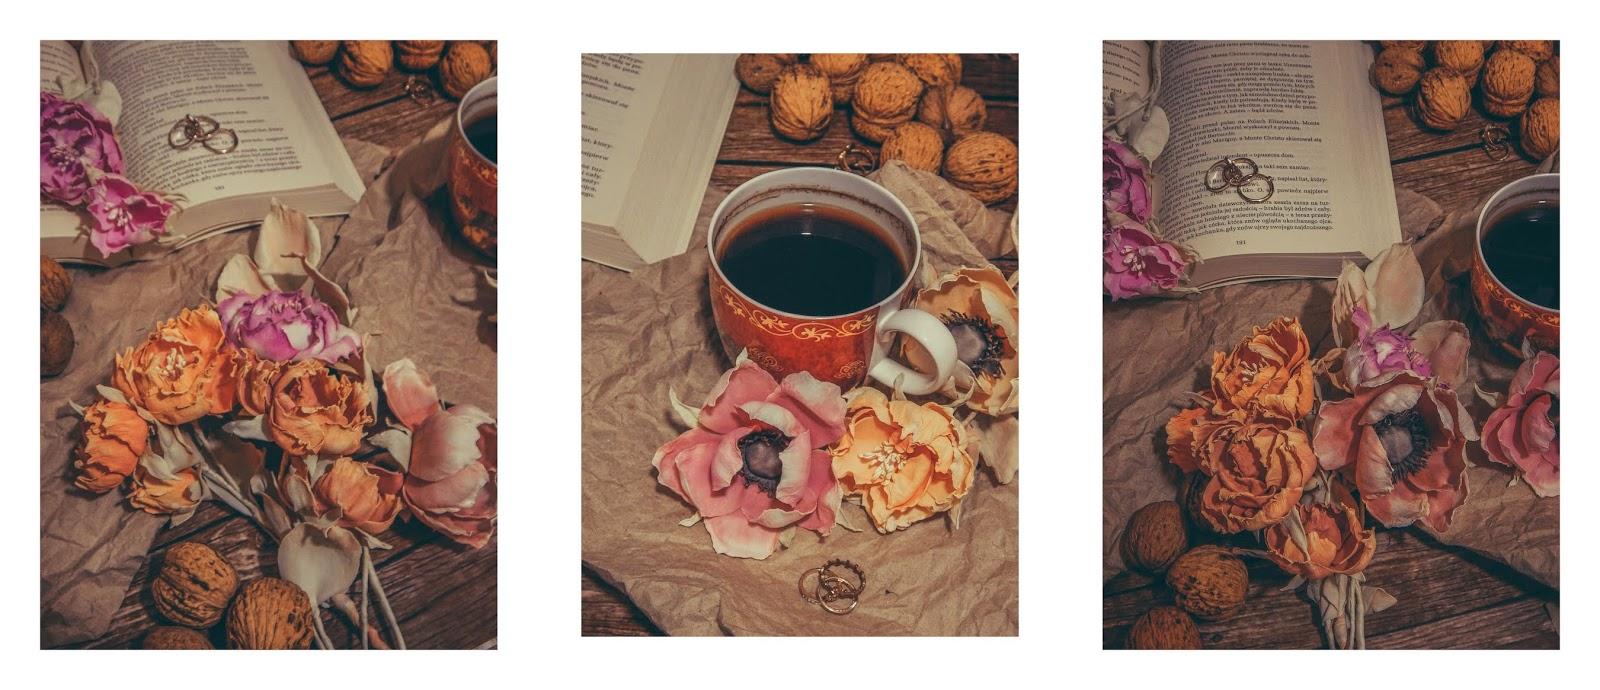 sztuczne kwiaty jak żywe wianki ślubne nietypowe kartki ślubne zaproszenia na roczek na urodziny na rocznicę imieniny diy do it yourself ręcznie robione kwiaty wywiad pomysł na biznes moonbird jak zrobić kwiatki flowers pinterest flatlay instagram